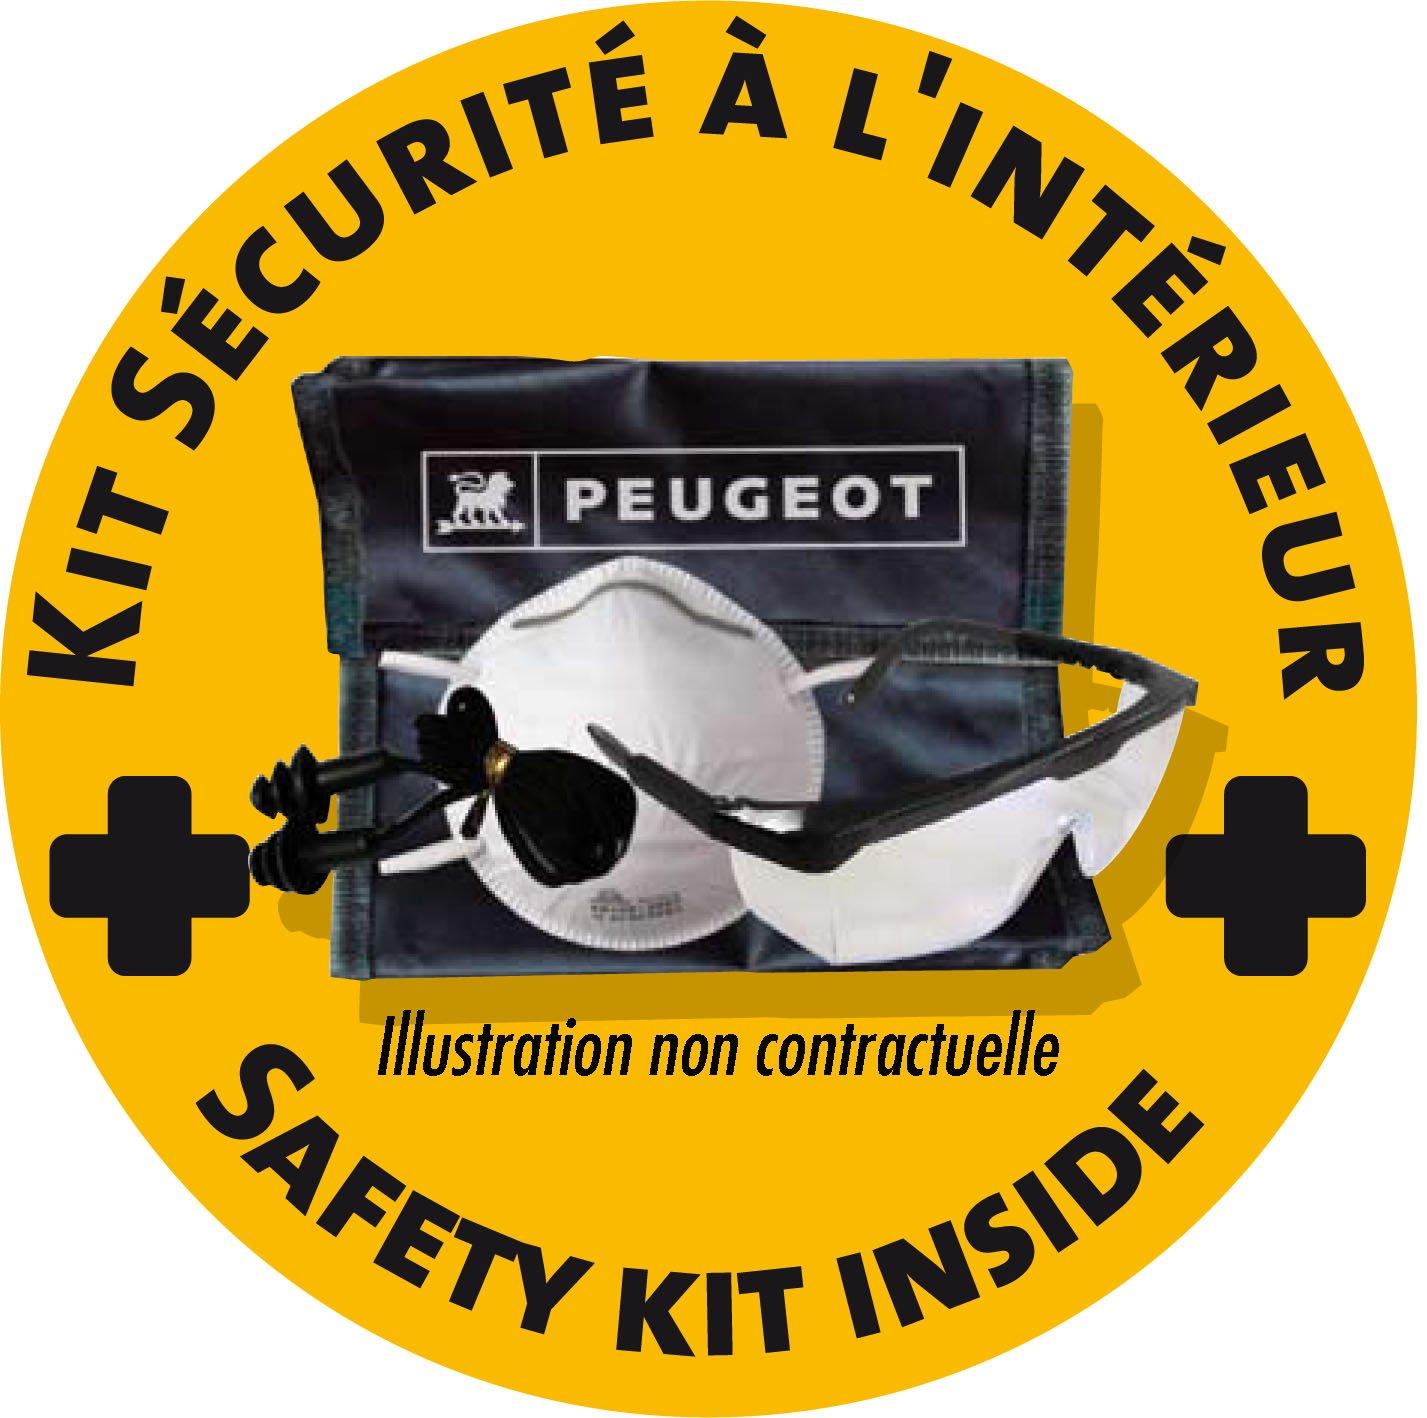 Peugeot ENERGYGrind 150 P Tourets /à meuler 150 mm 350 W Meules 150mm